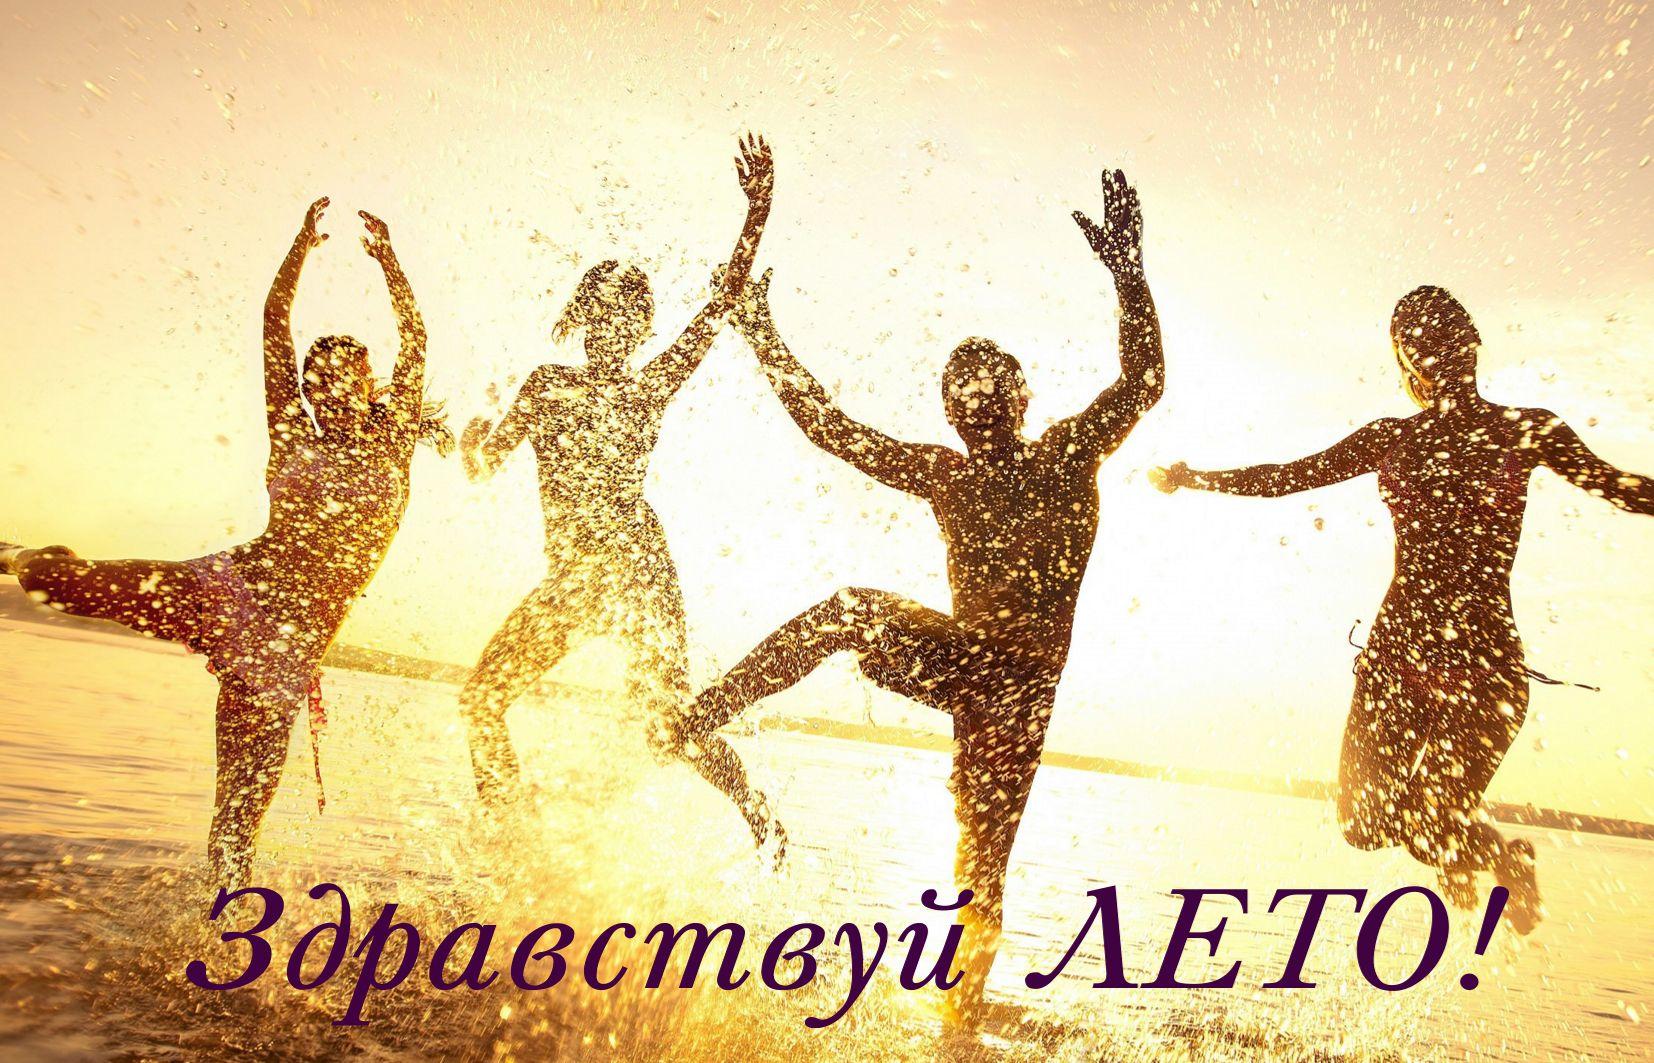 Открытка с первым днём лета - танцующие на берегу люди в брызгах воды